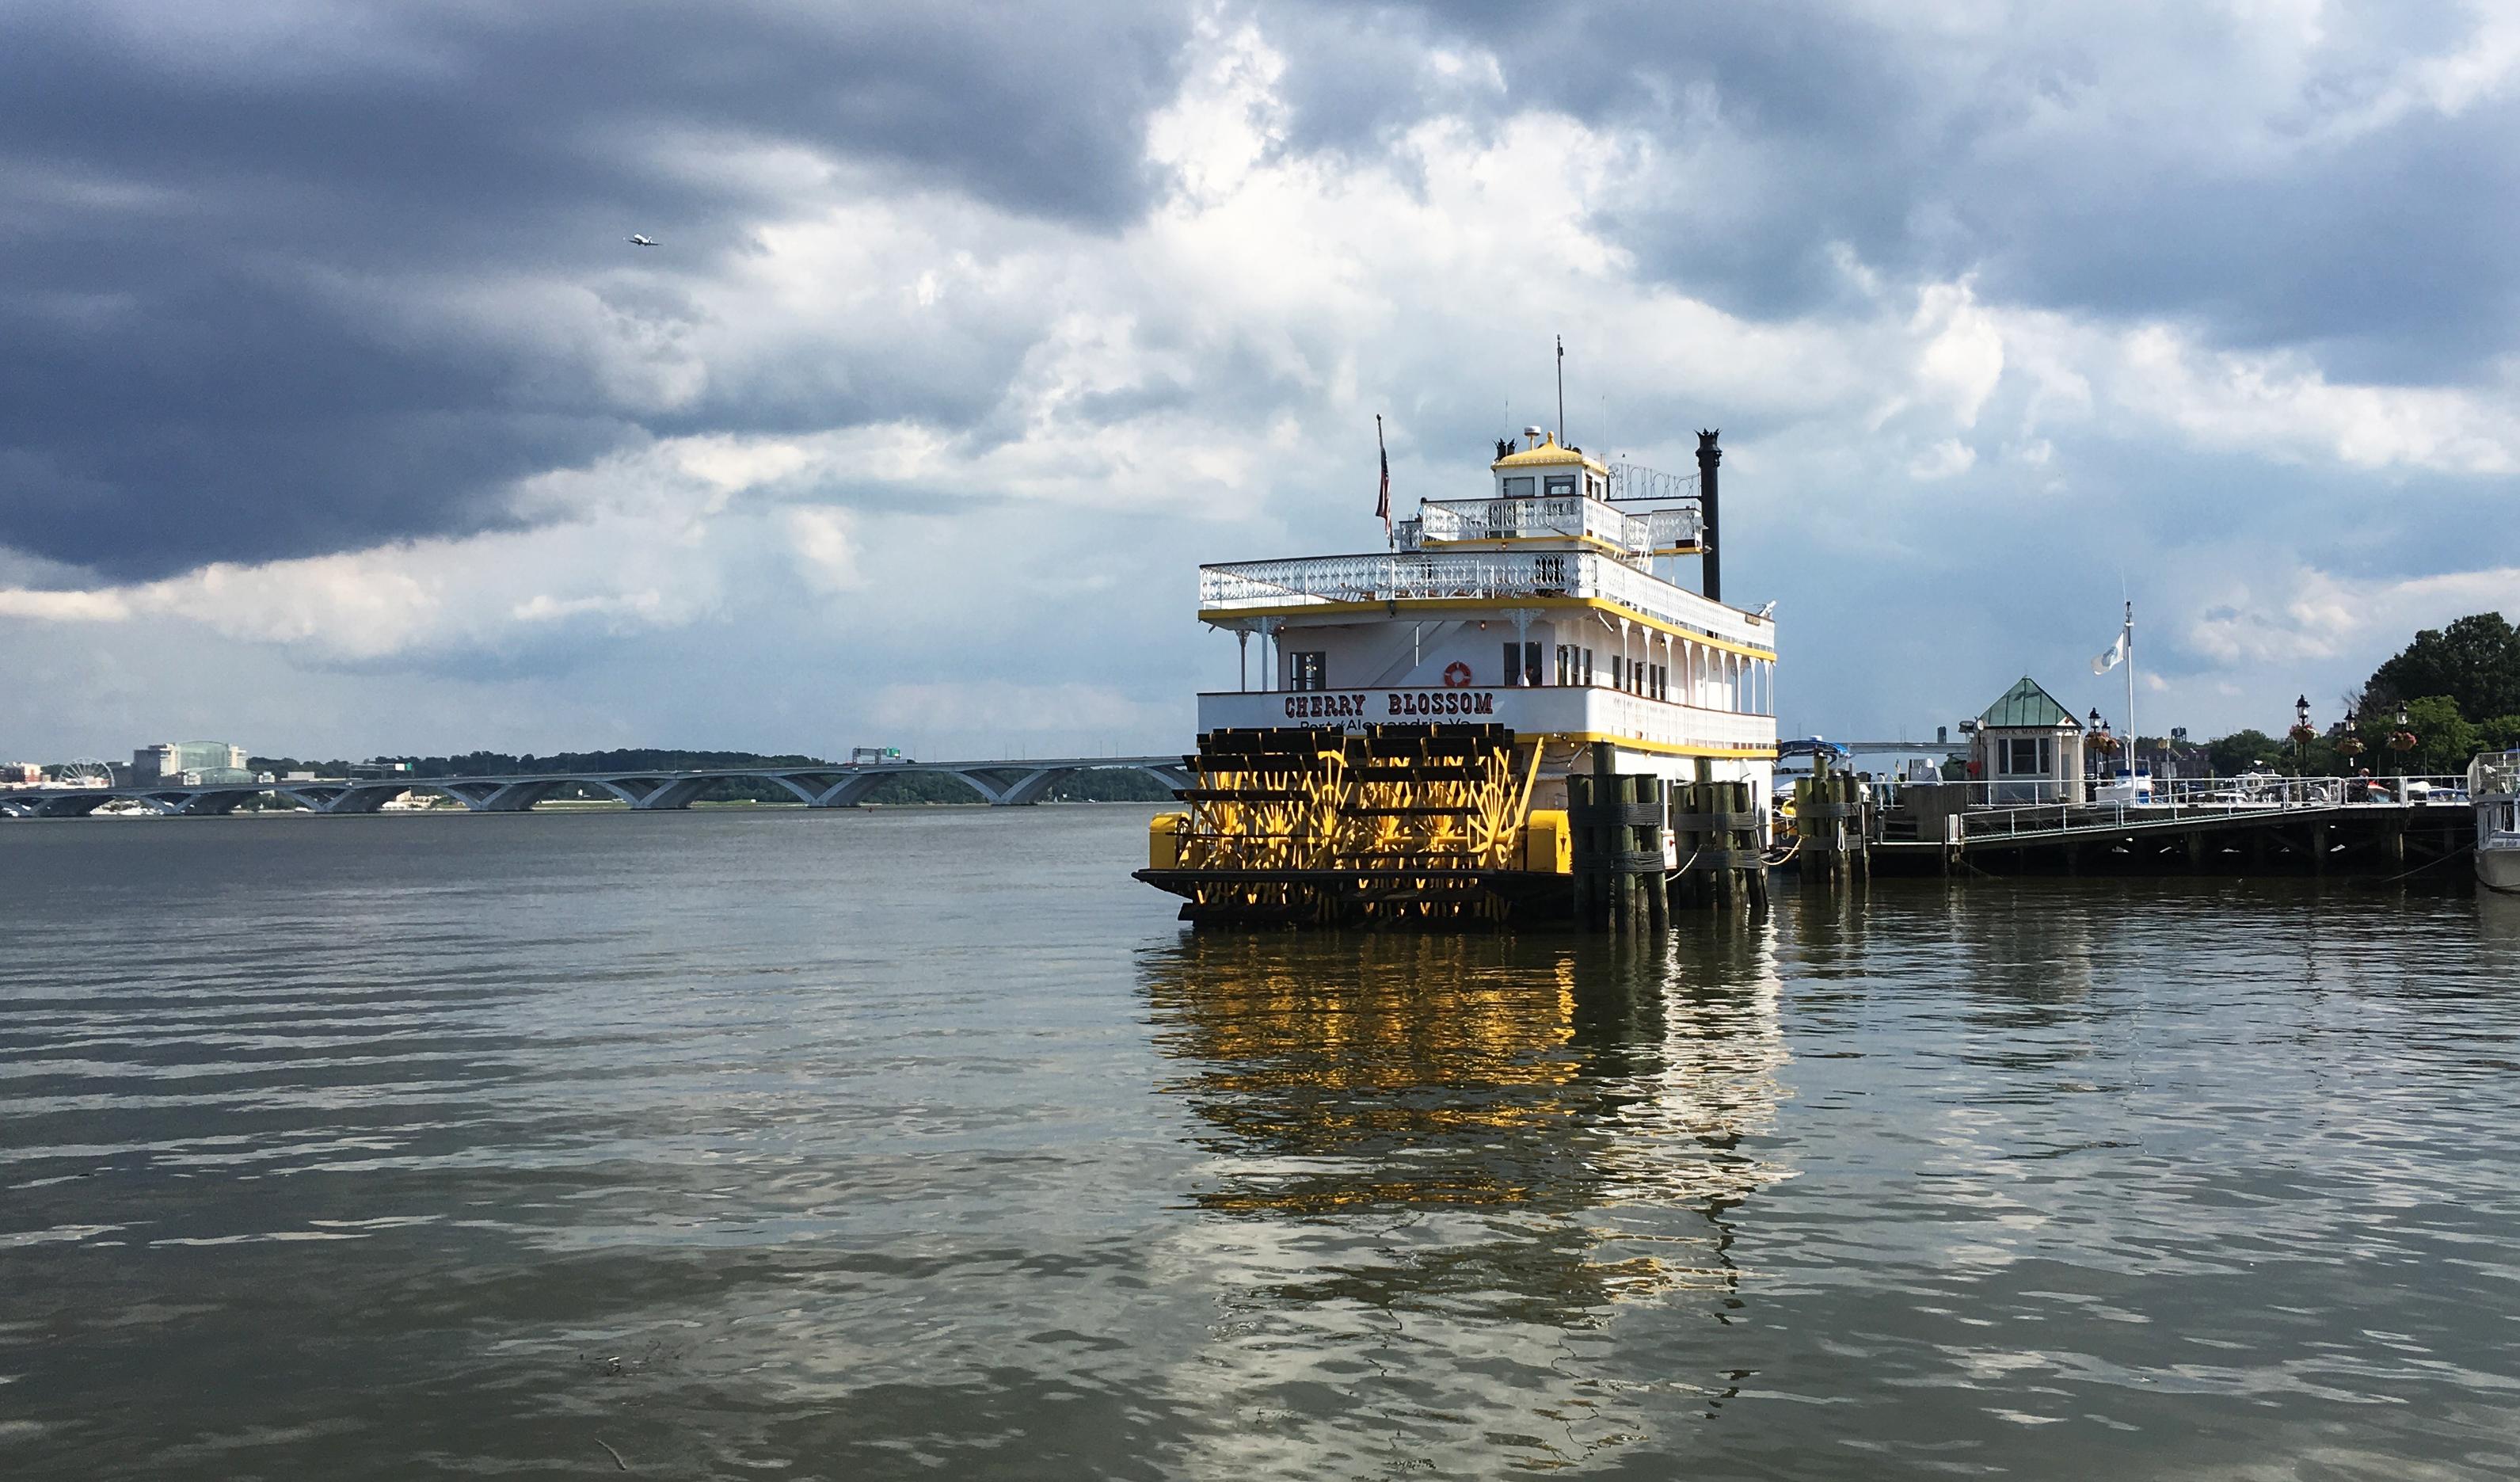 Sur les bords du Potomac